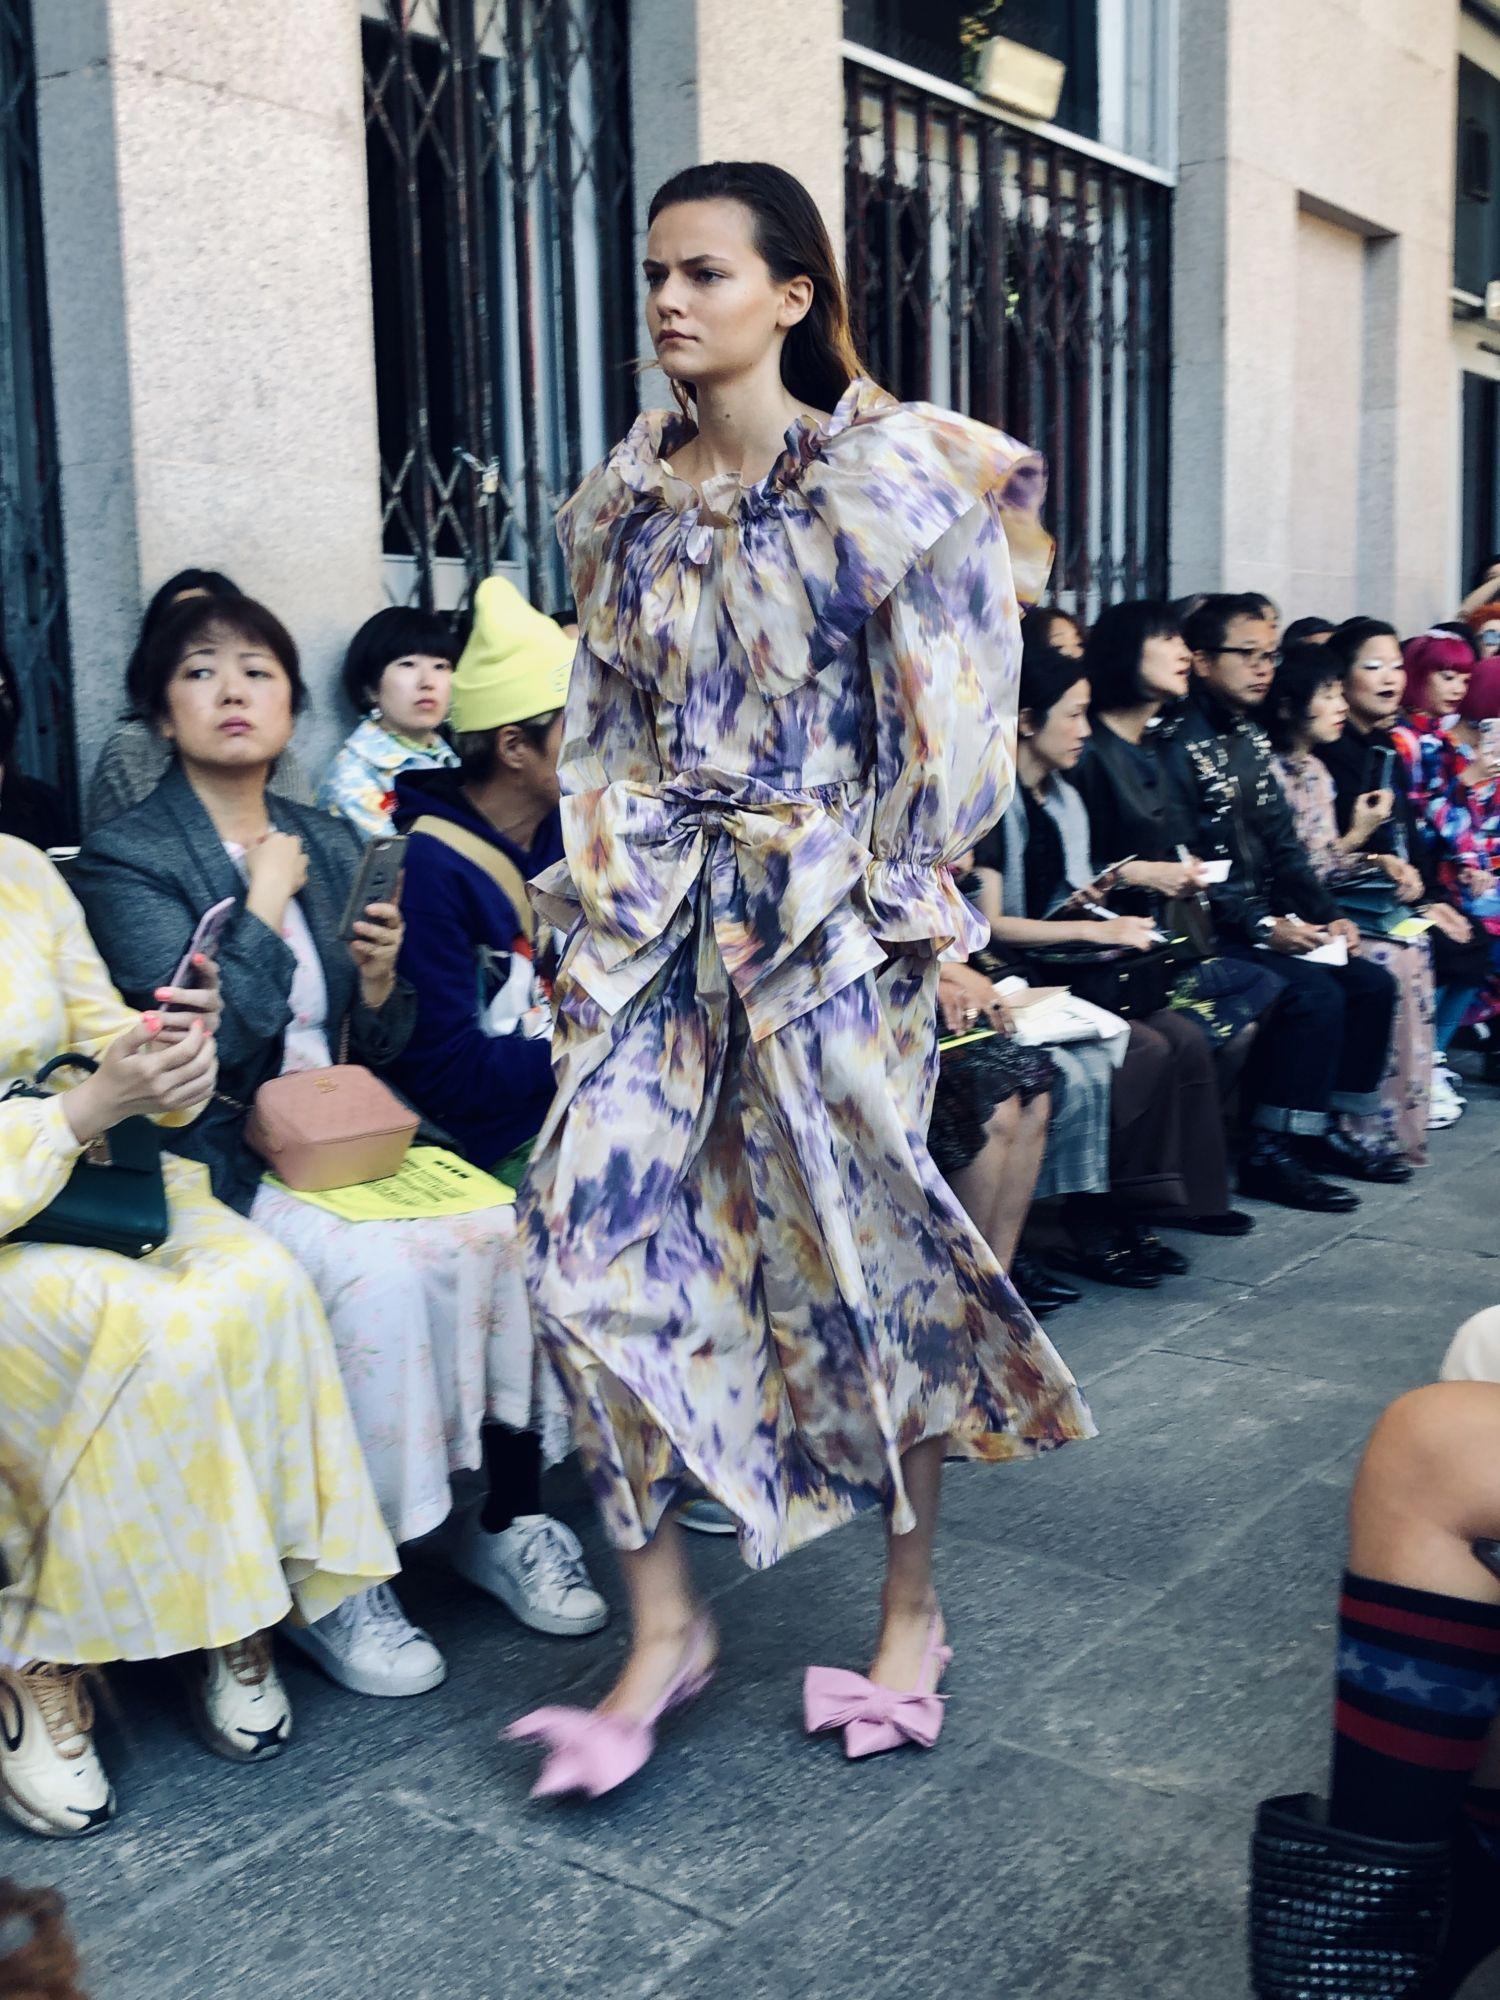 Milan Fashion Week Spring/Summer 2020: Day 4 Highlights